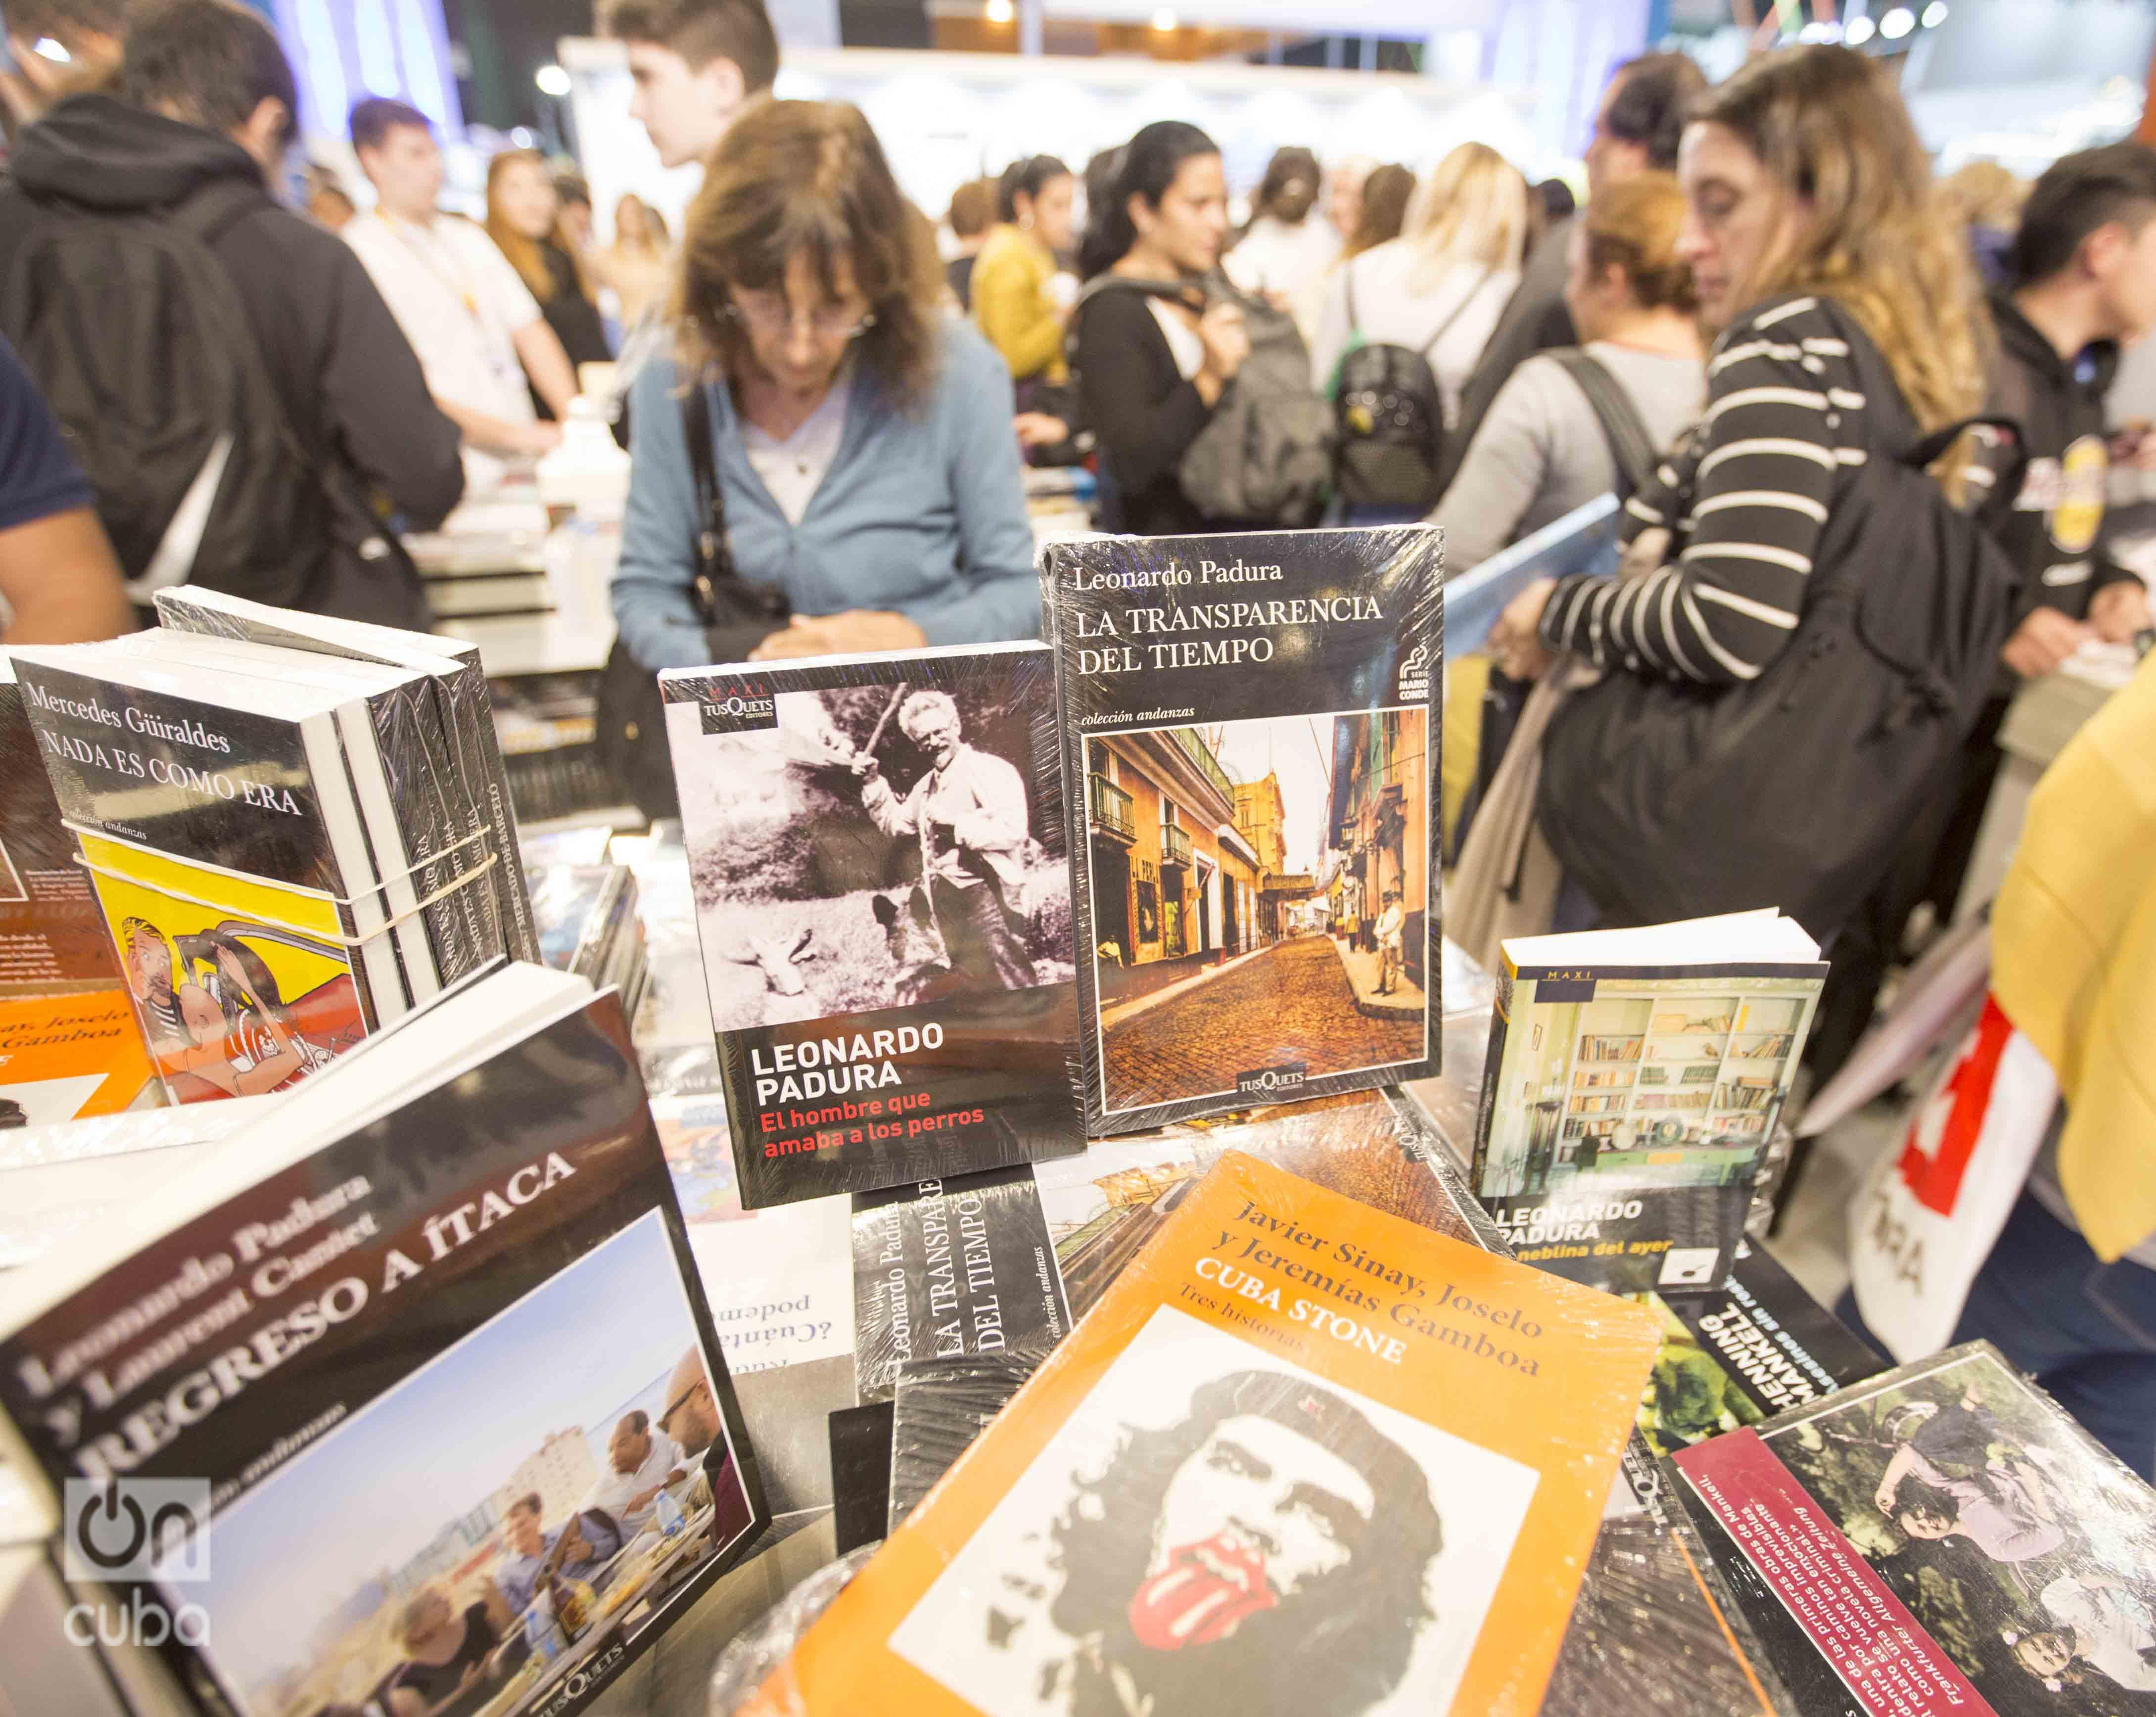 Obras de escritores cubanos en la Feria Internacional de Libro de Buenos Aires. Foto: Kaloian.